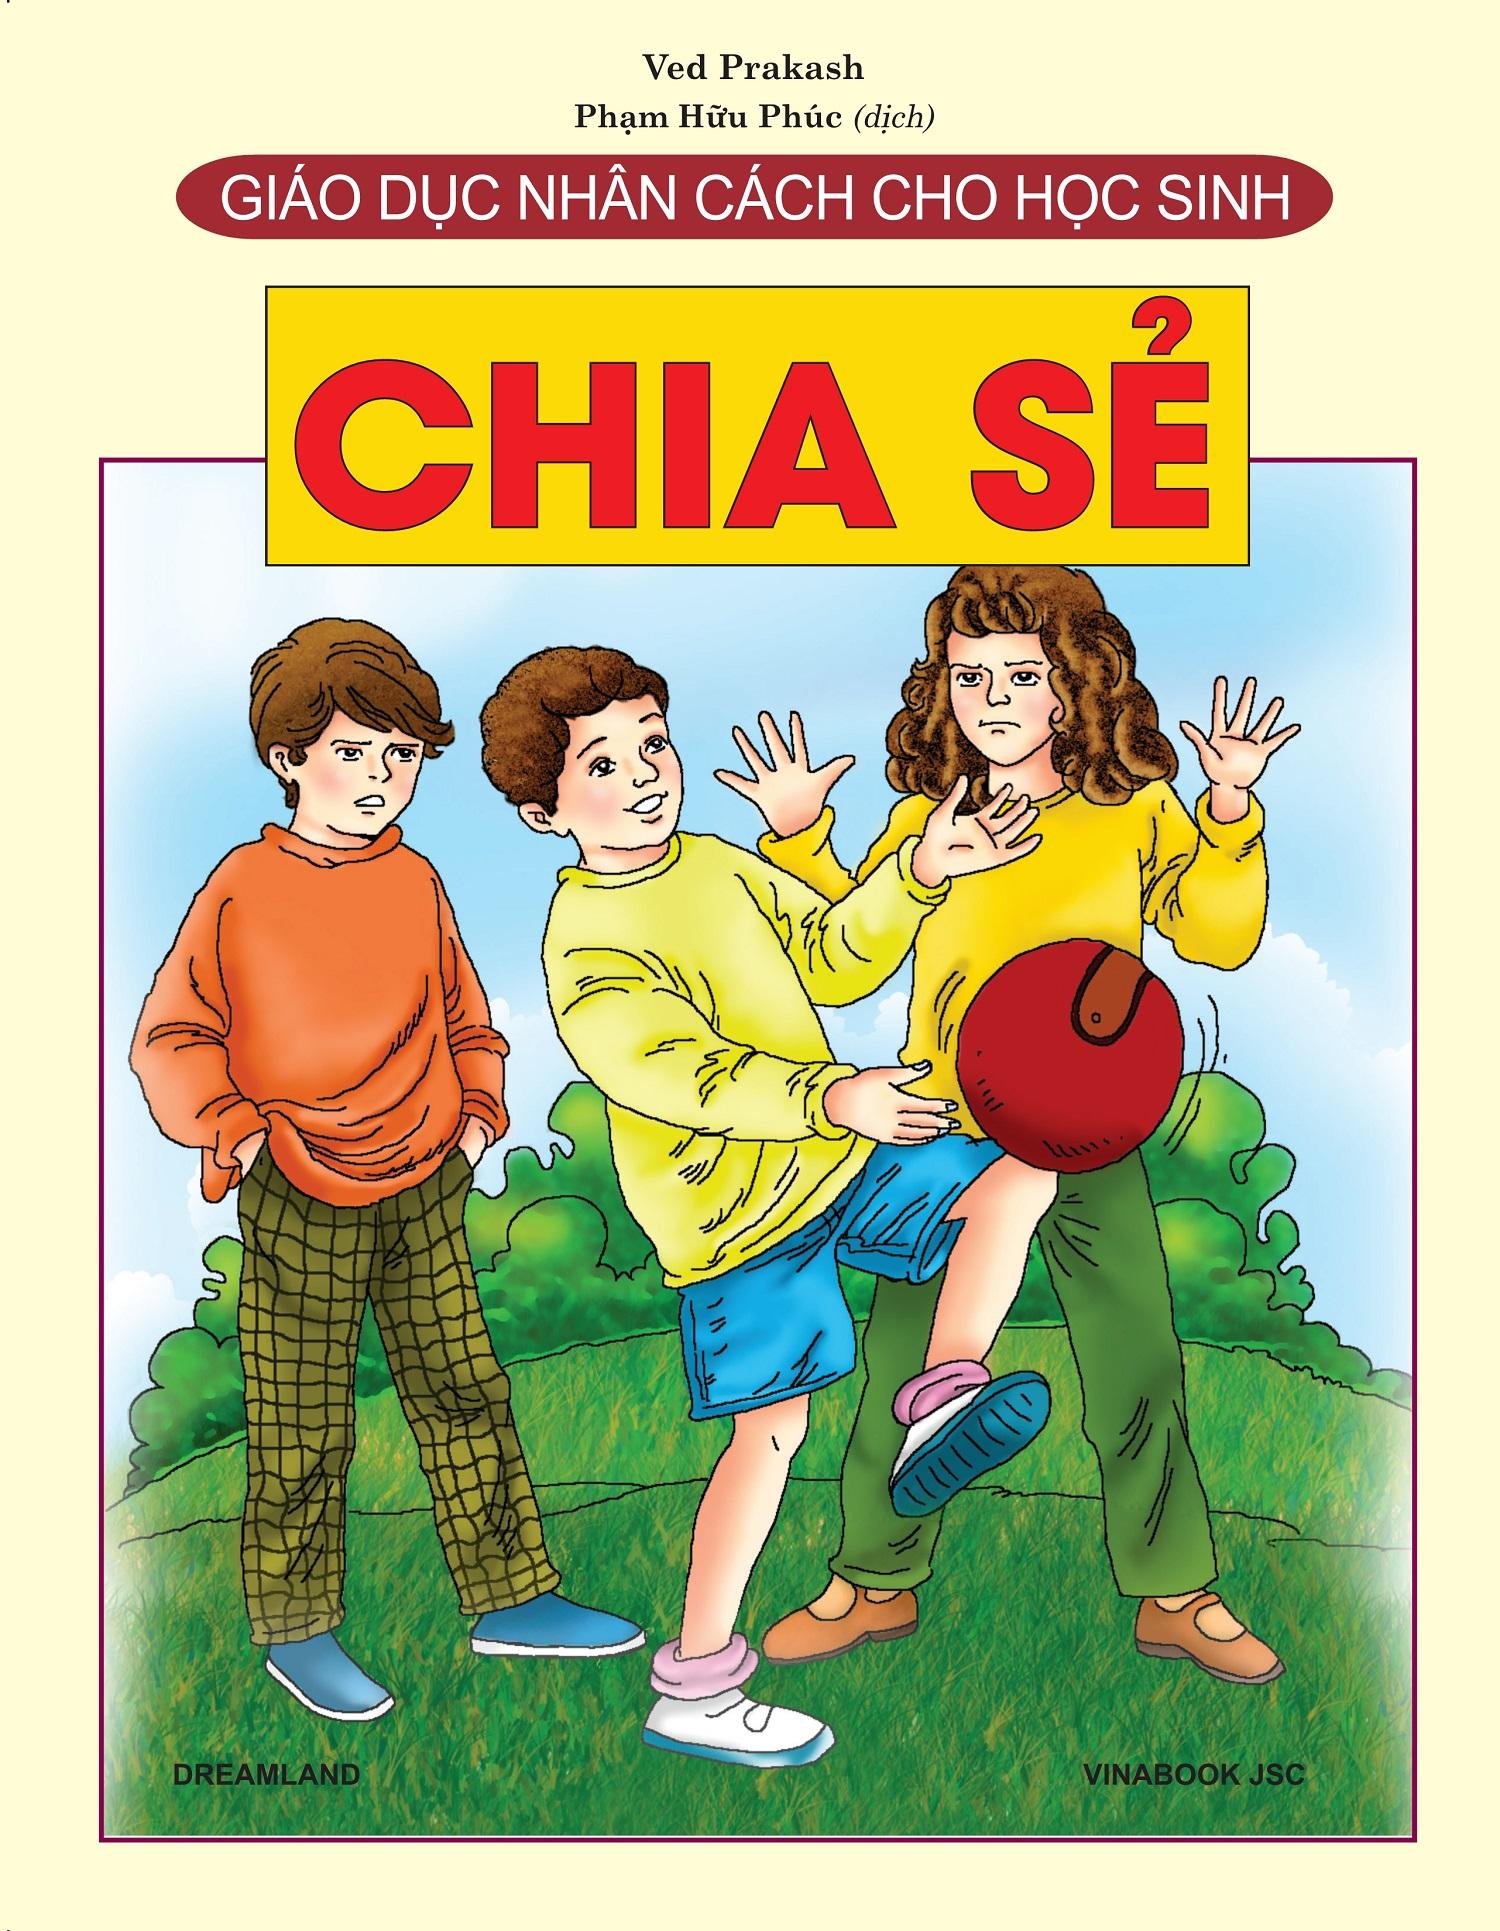 Combo Sách Giáo Dục Nhân Cách Cho Học Sinh (3 cuốn): Lễ Phép + Hòa Đồng + Chia Sẻ